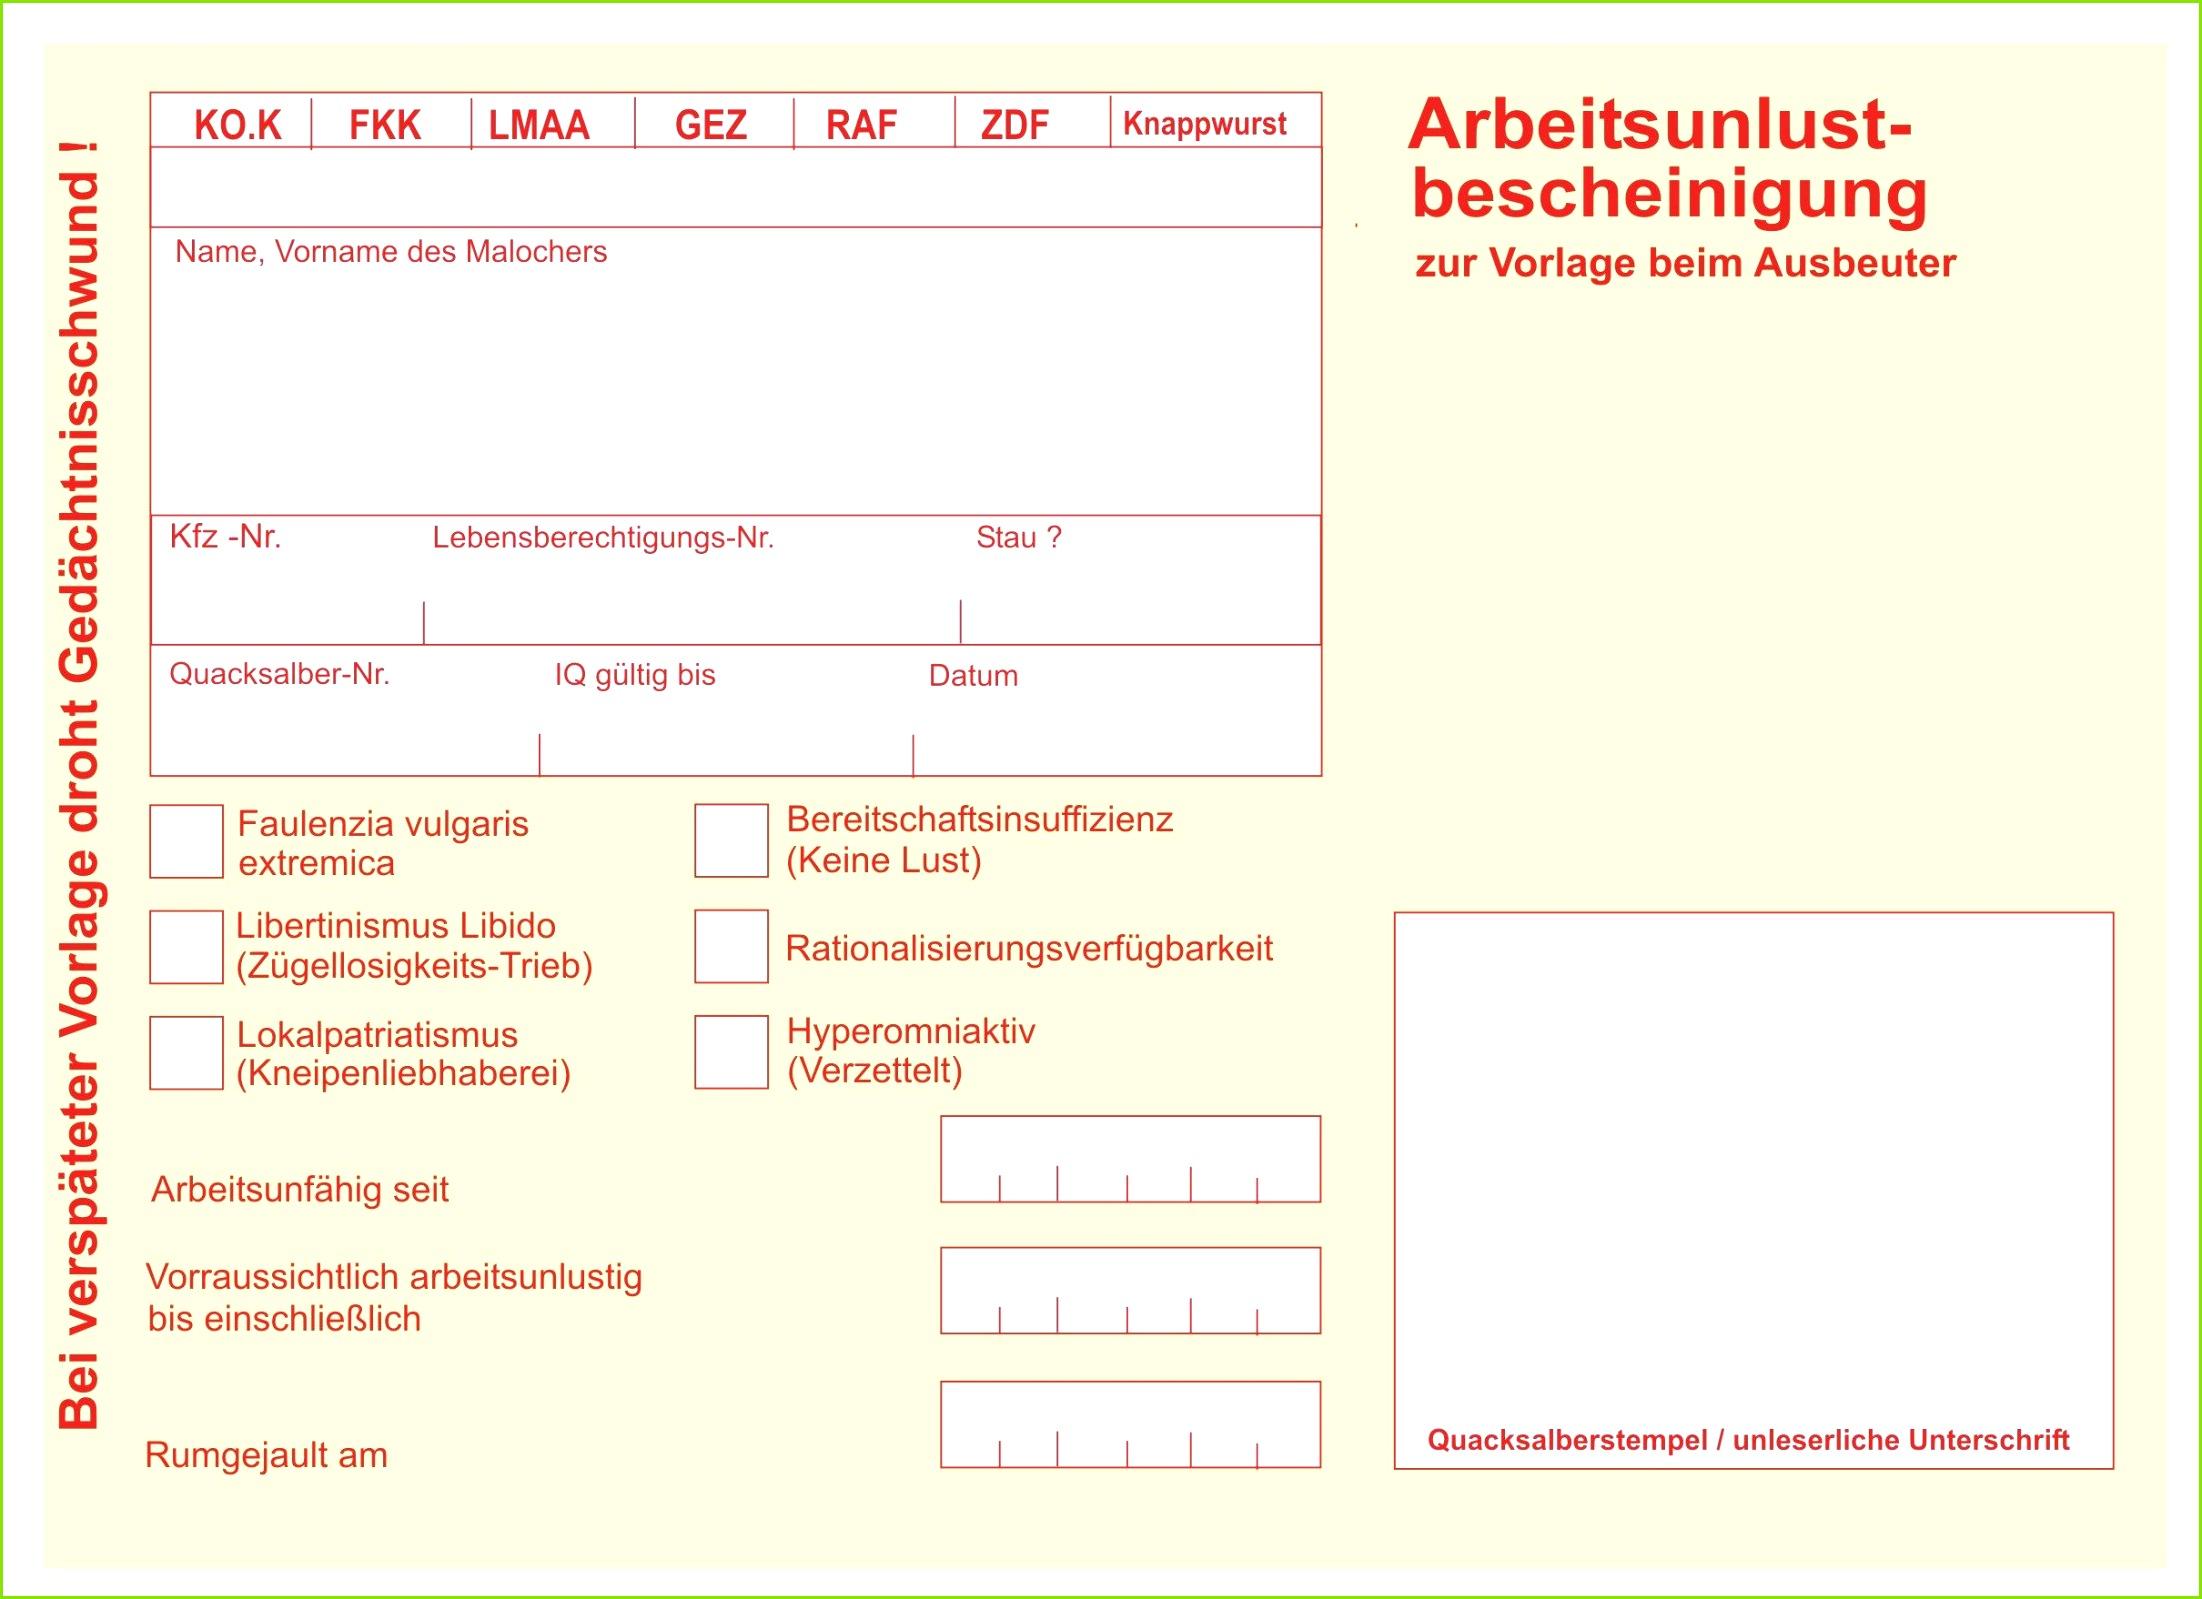 Erfreut Leere Bordkarte Vorlage Fotos Entry Level Resume Vorlagen Ausgezeichnet Leere Einladungsvorlagen